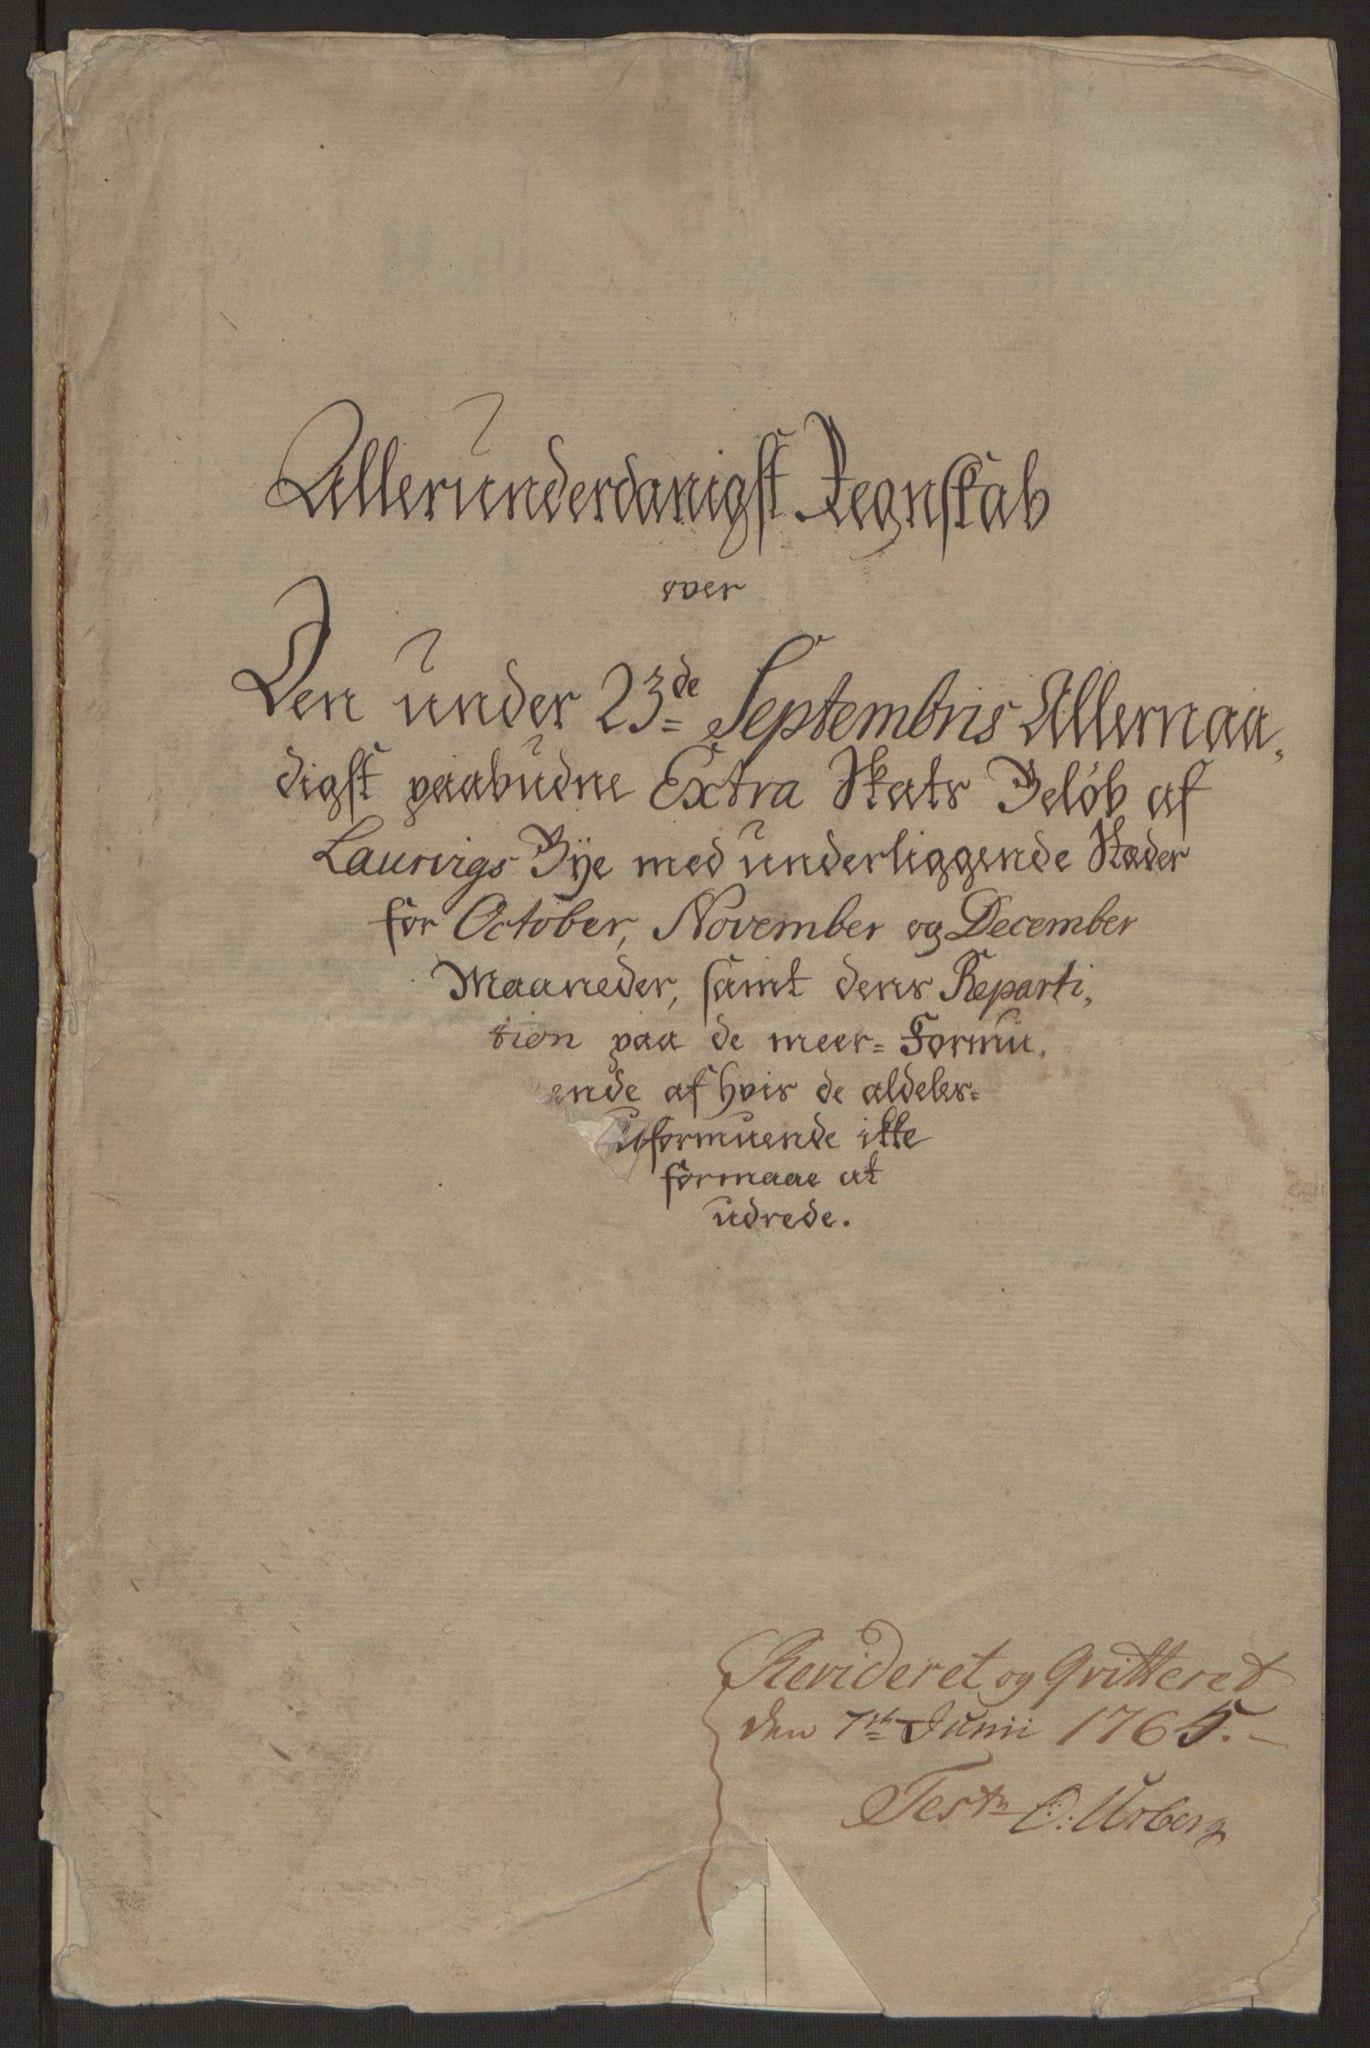 RA, Rentekammeret inntil 1814, Reviderte regnskaper, Byregnskaper, R/Ri/L0183: [I4] Kontribusjonsregnskap, 1762-1768, s. 4